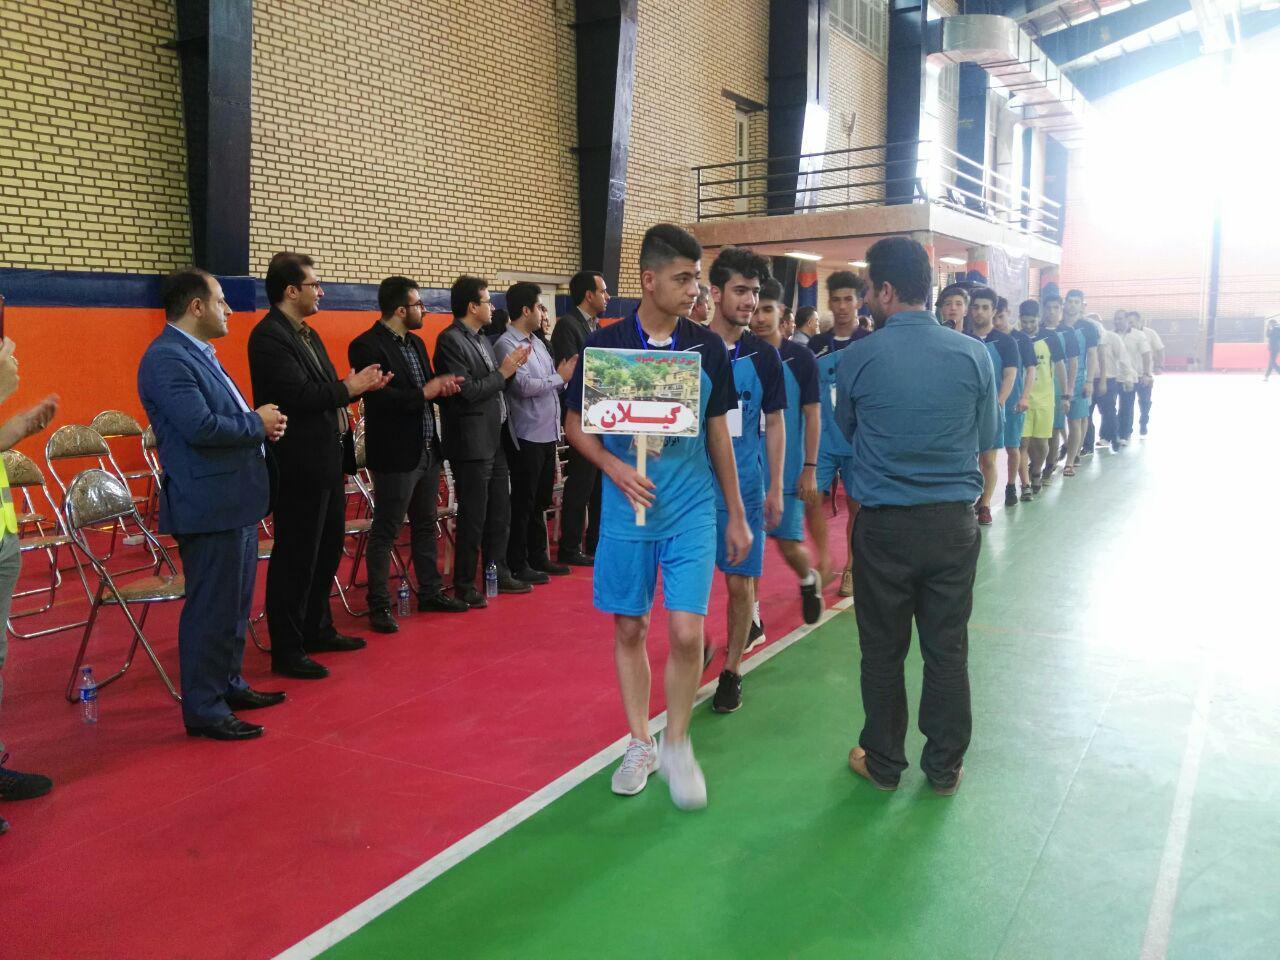 المپیاد ورزشی دانشآموزی سما منطقه شمال کشور در رشت